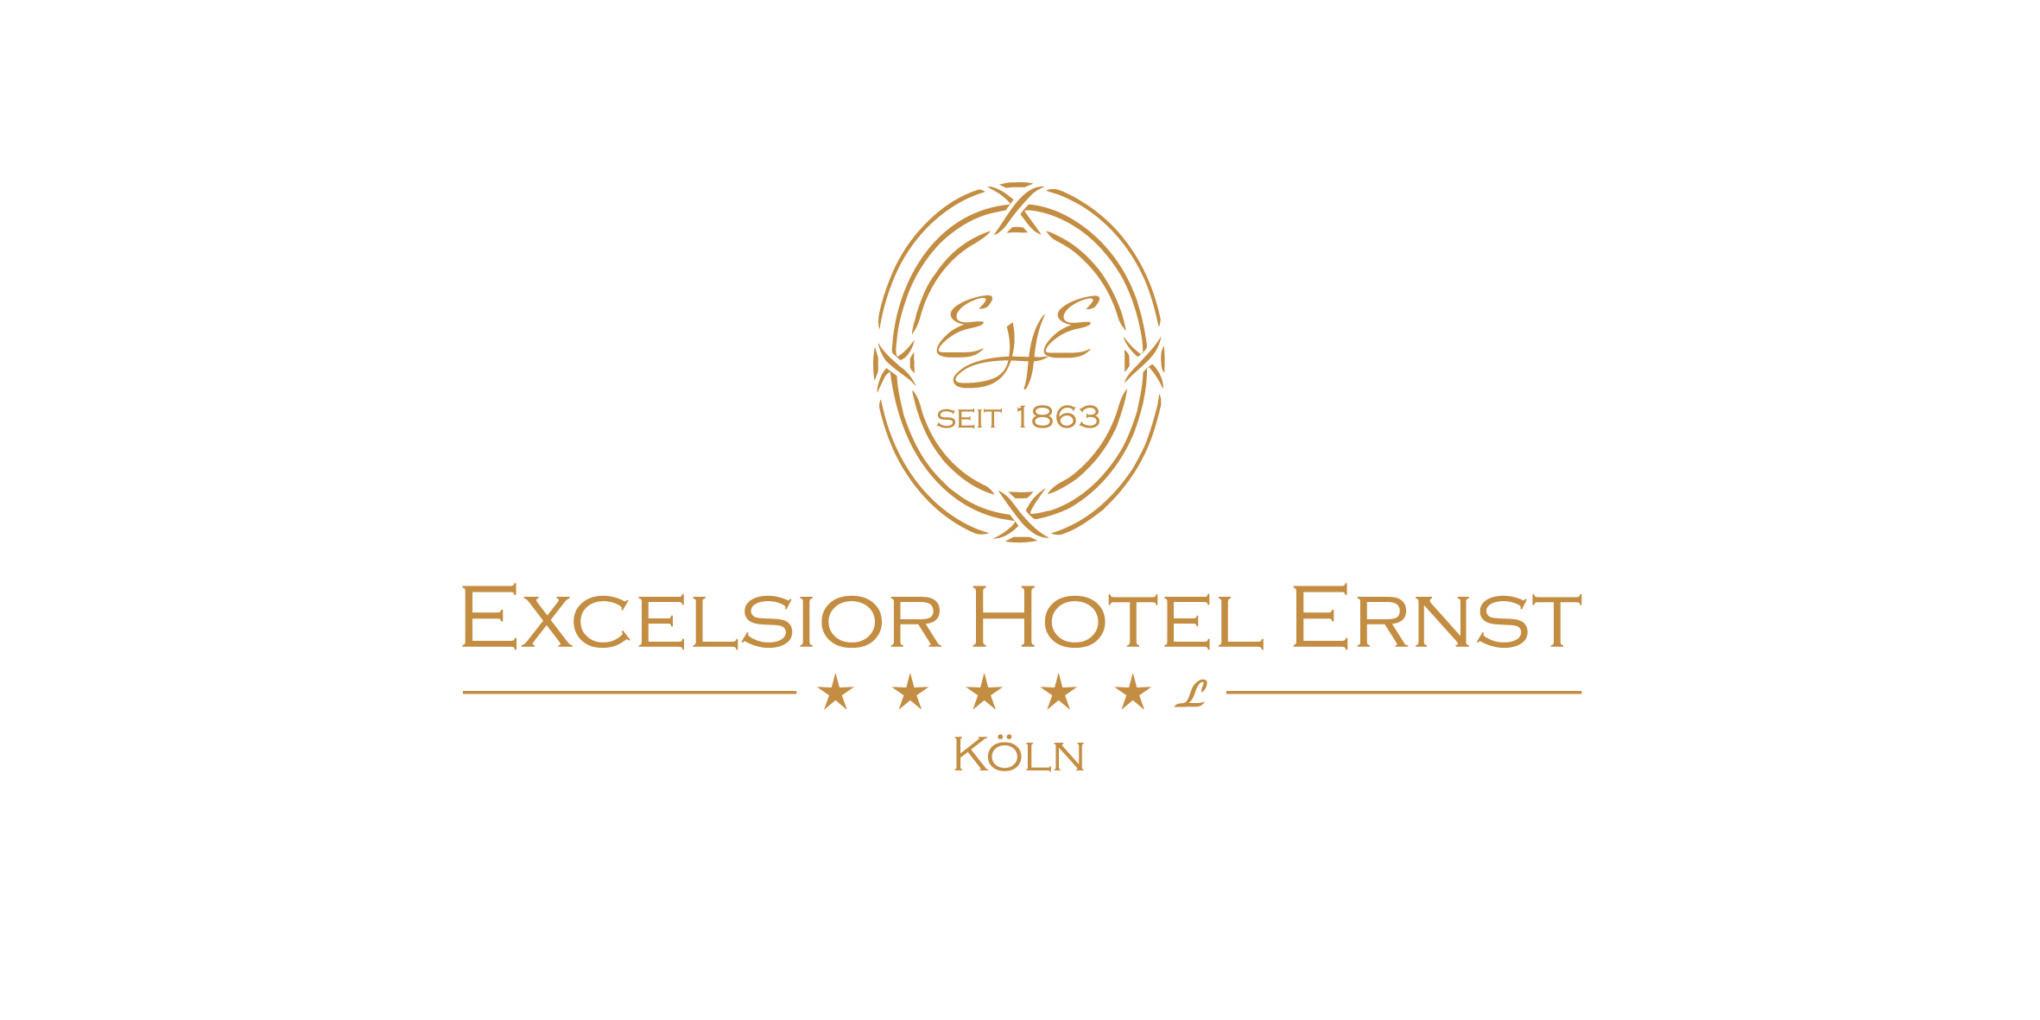 Logo Excelsior Hotel Ernst